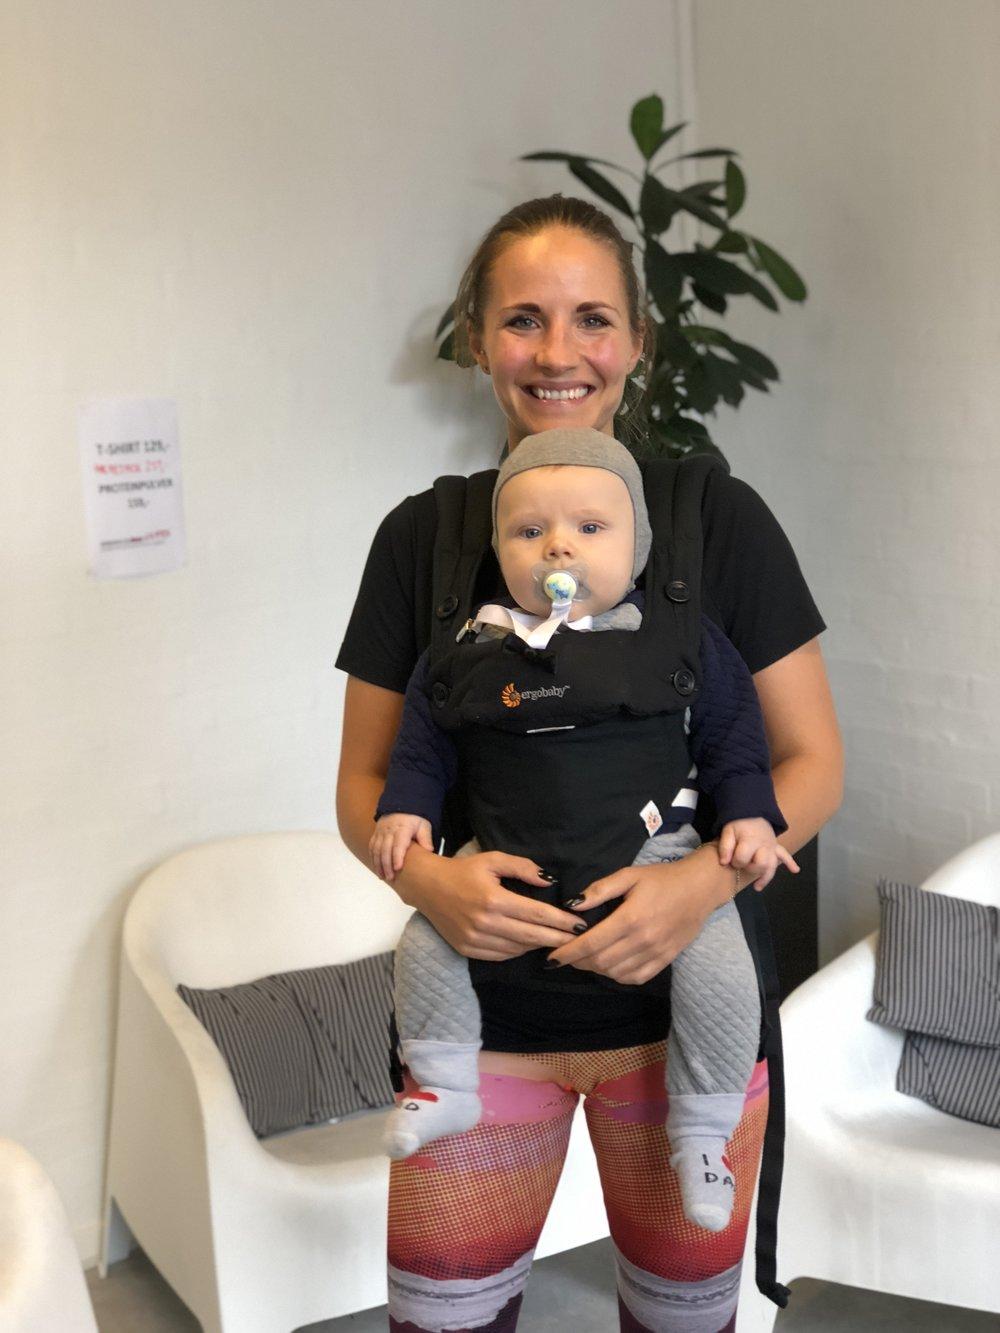 mor baby bootcamp efterfødselstræning vægttabsforløb viby j rissikov aarhus kvinder morfedt mødre kostvejledning